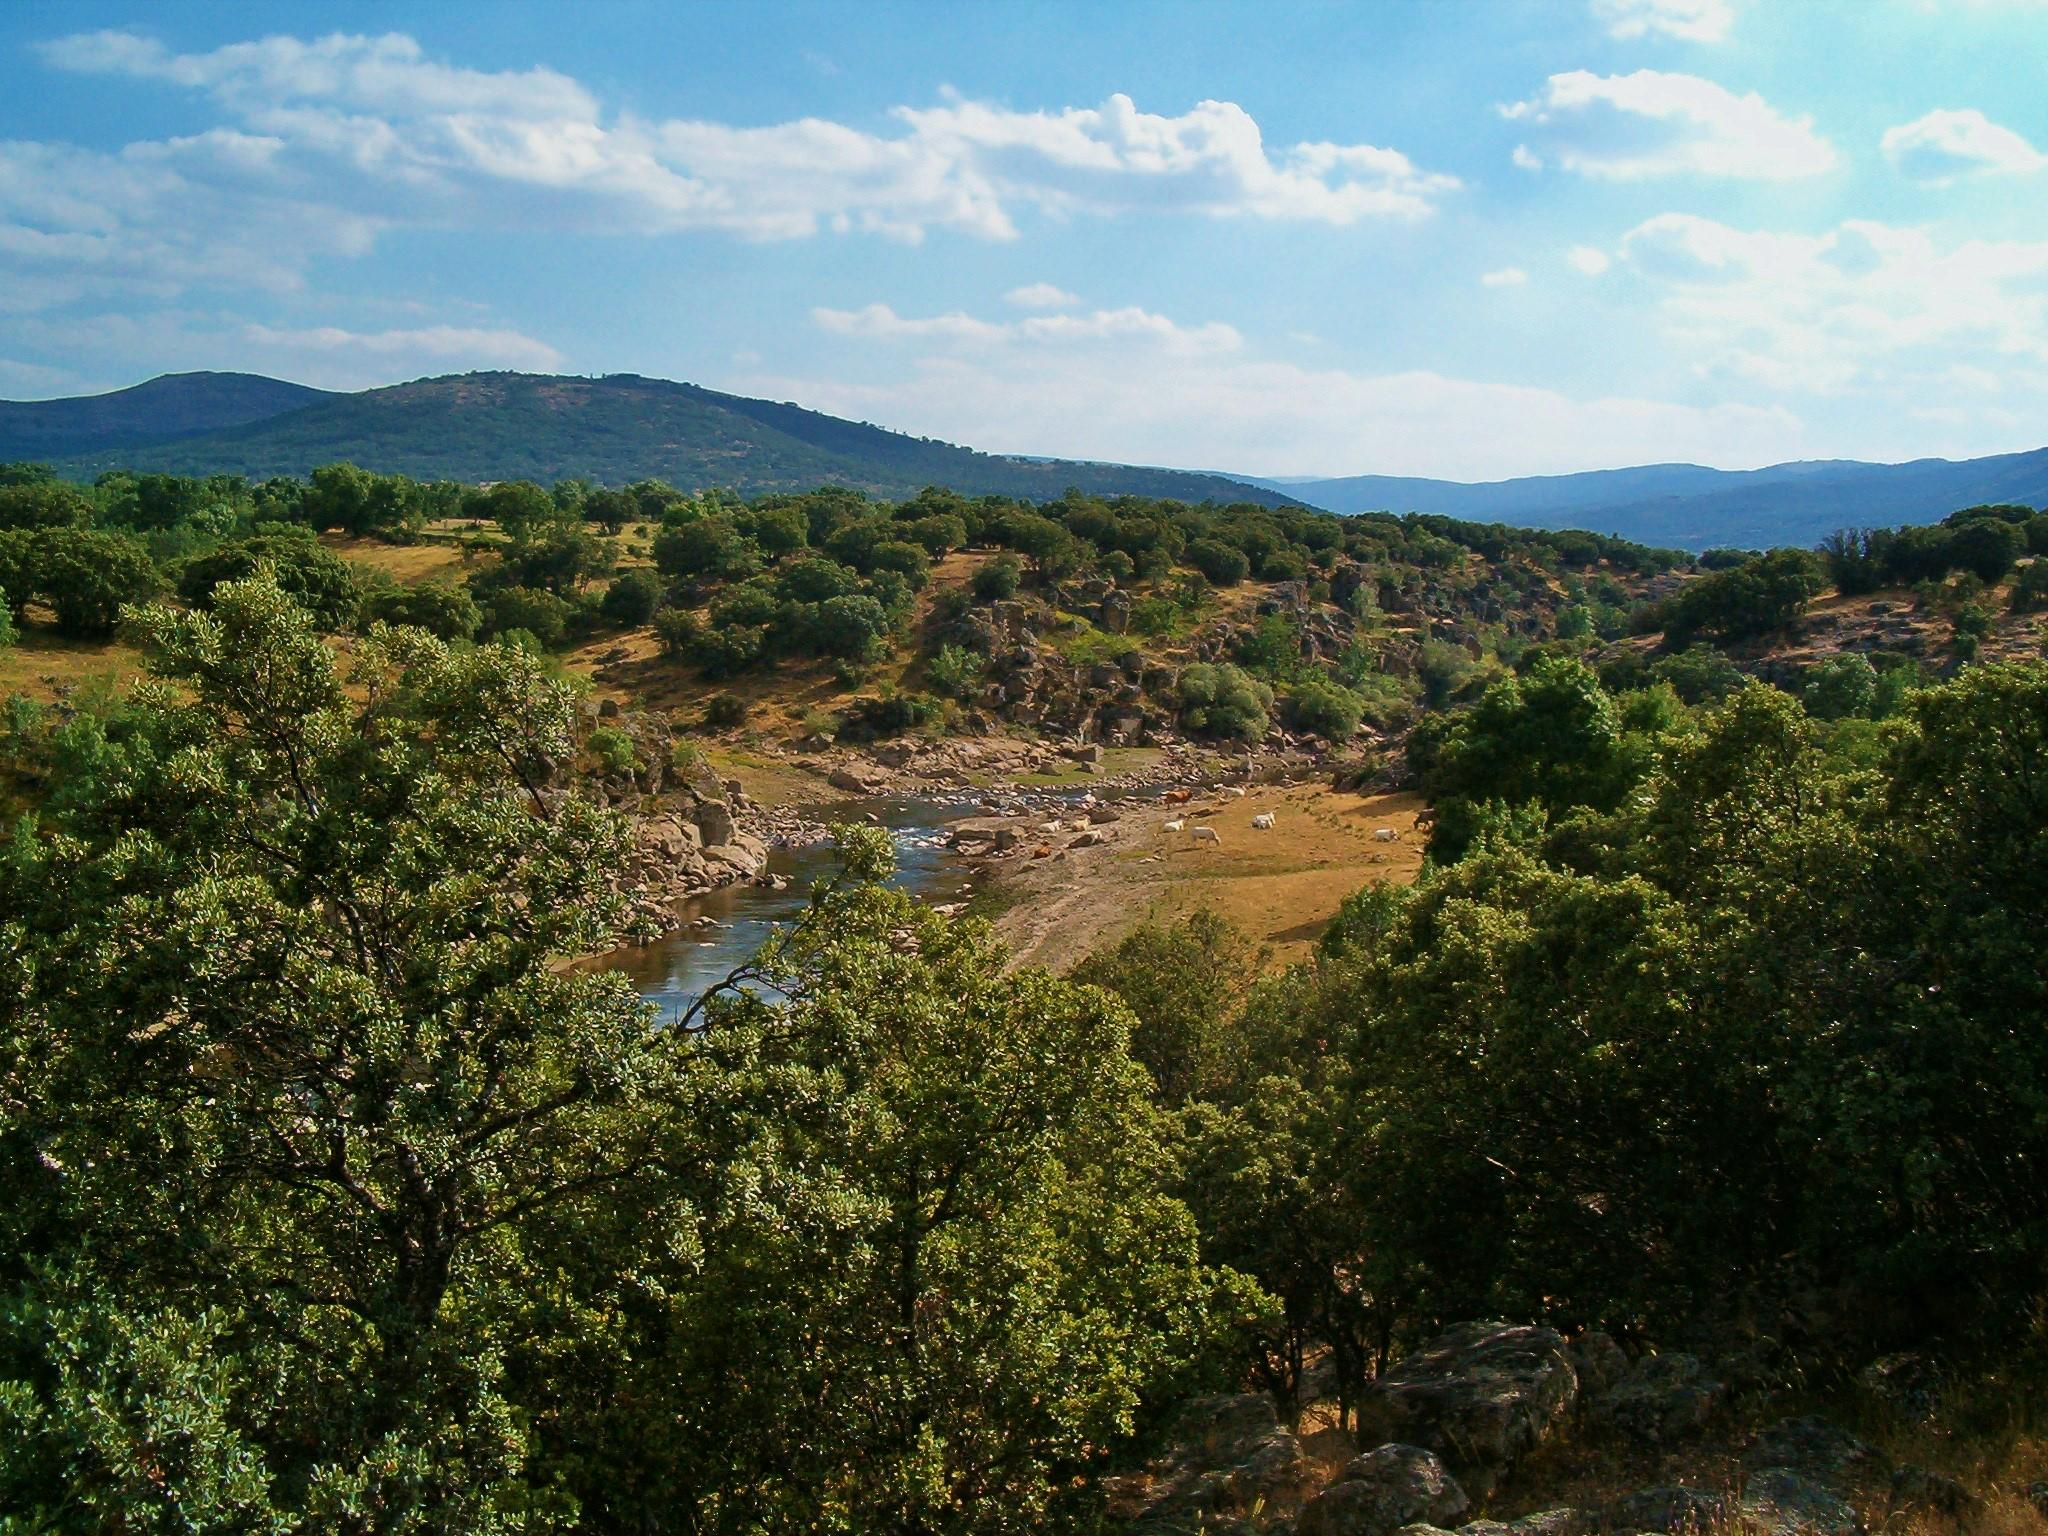 Hacia una visión ecorregional para la restauración de paisajes en América Latina